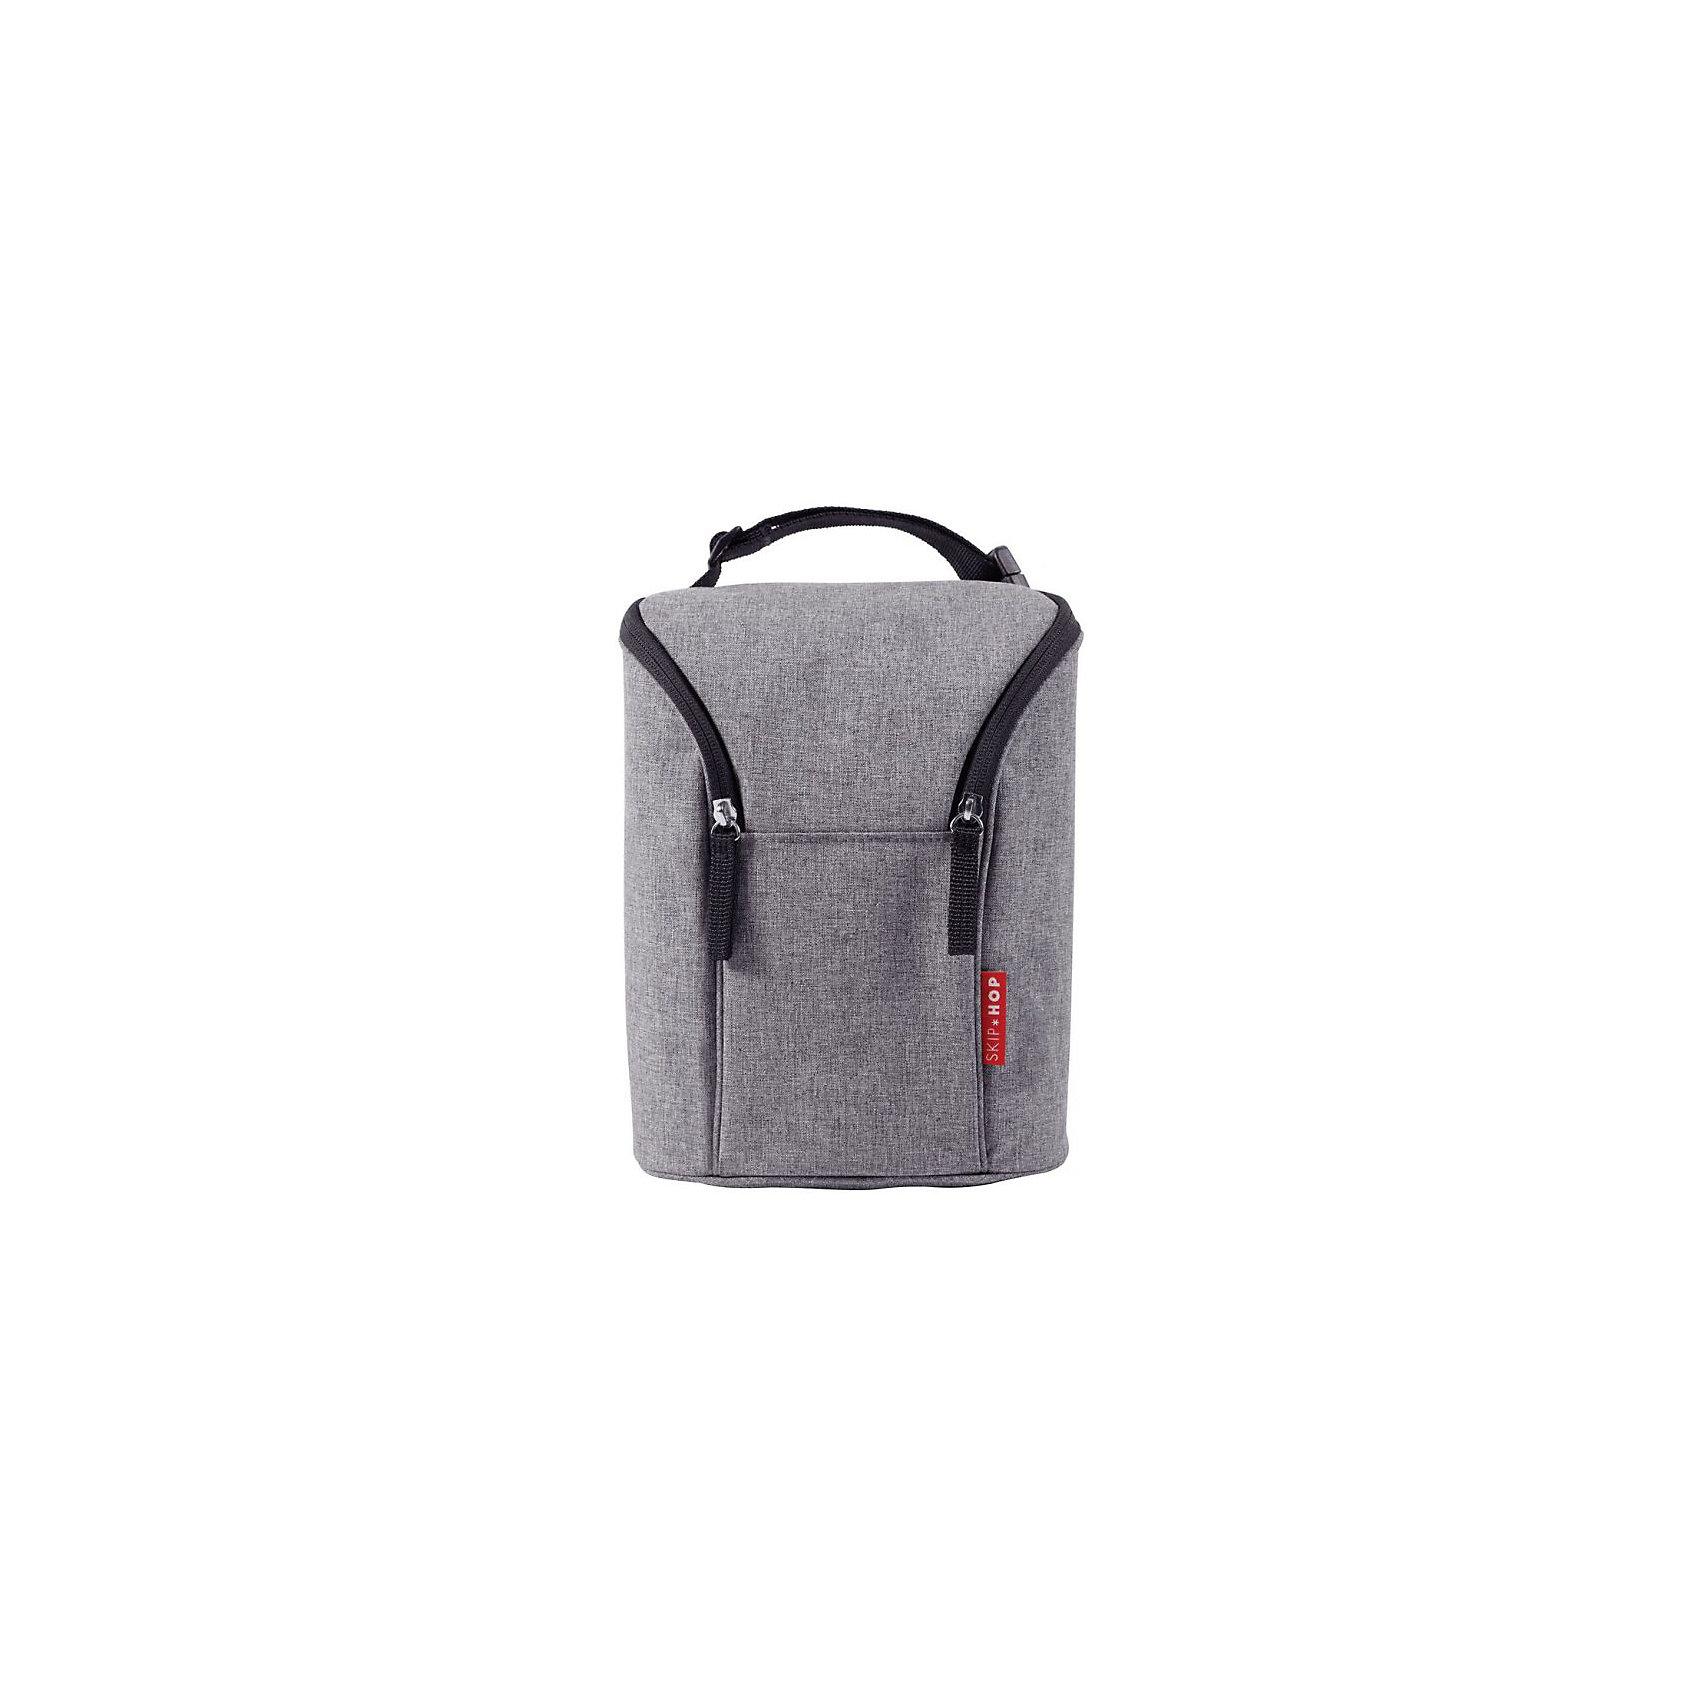 Термо-сумка для бутылочек, Skip HopТермосумки и термосы<br>Особенности:<br>?Вмещает 2 больших бутылочки<br>?Крепление к коляске.<br>?Износостойкая, легко стирающаяся ткань.<br>?Специальная термо-подкладка позволяет сохранять бутылочки теплыми или холодными <br>?2 молнии обеспечивают легкий и быстрый доступ к бутылочкам<br>?в комплекте с многоразовым охлаждающим пакетом<br>Размер: 17 * 9 * 23 см<br><br>Ширина мм: 170<br>Глубина мм: 90<br>Высота мм: 280<br>Вес г: 428<br>Возраст от месяцев: 36<br>Возраст до месяцев: 72<br>Пол: Унисекс<br>Возраст: Детский<br>SKU: 5608232